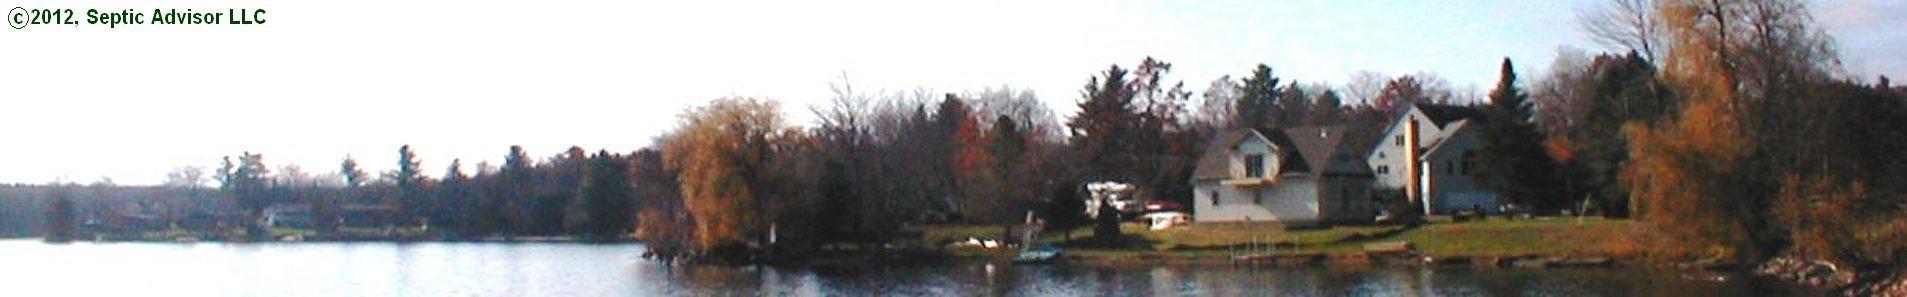 Lake-House1.jpg